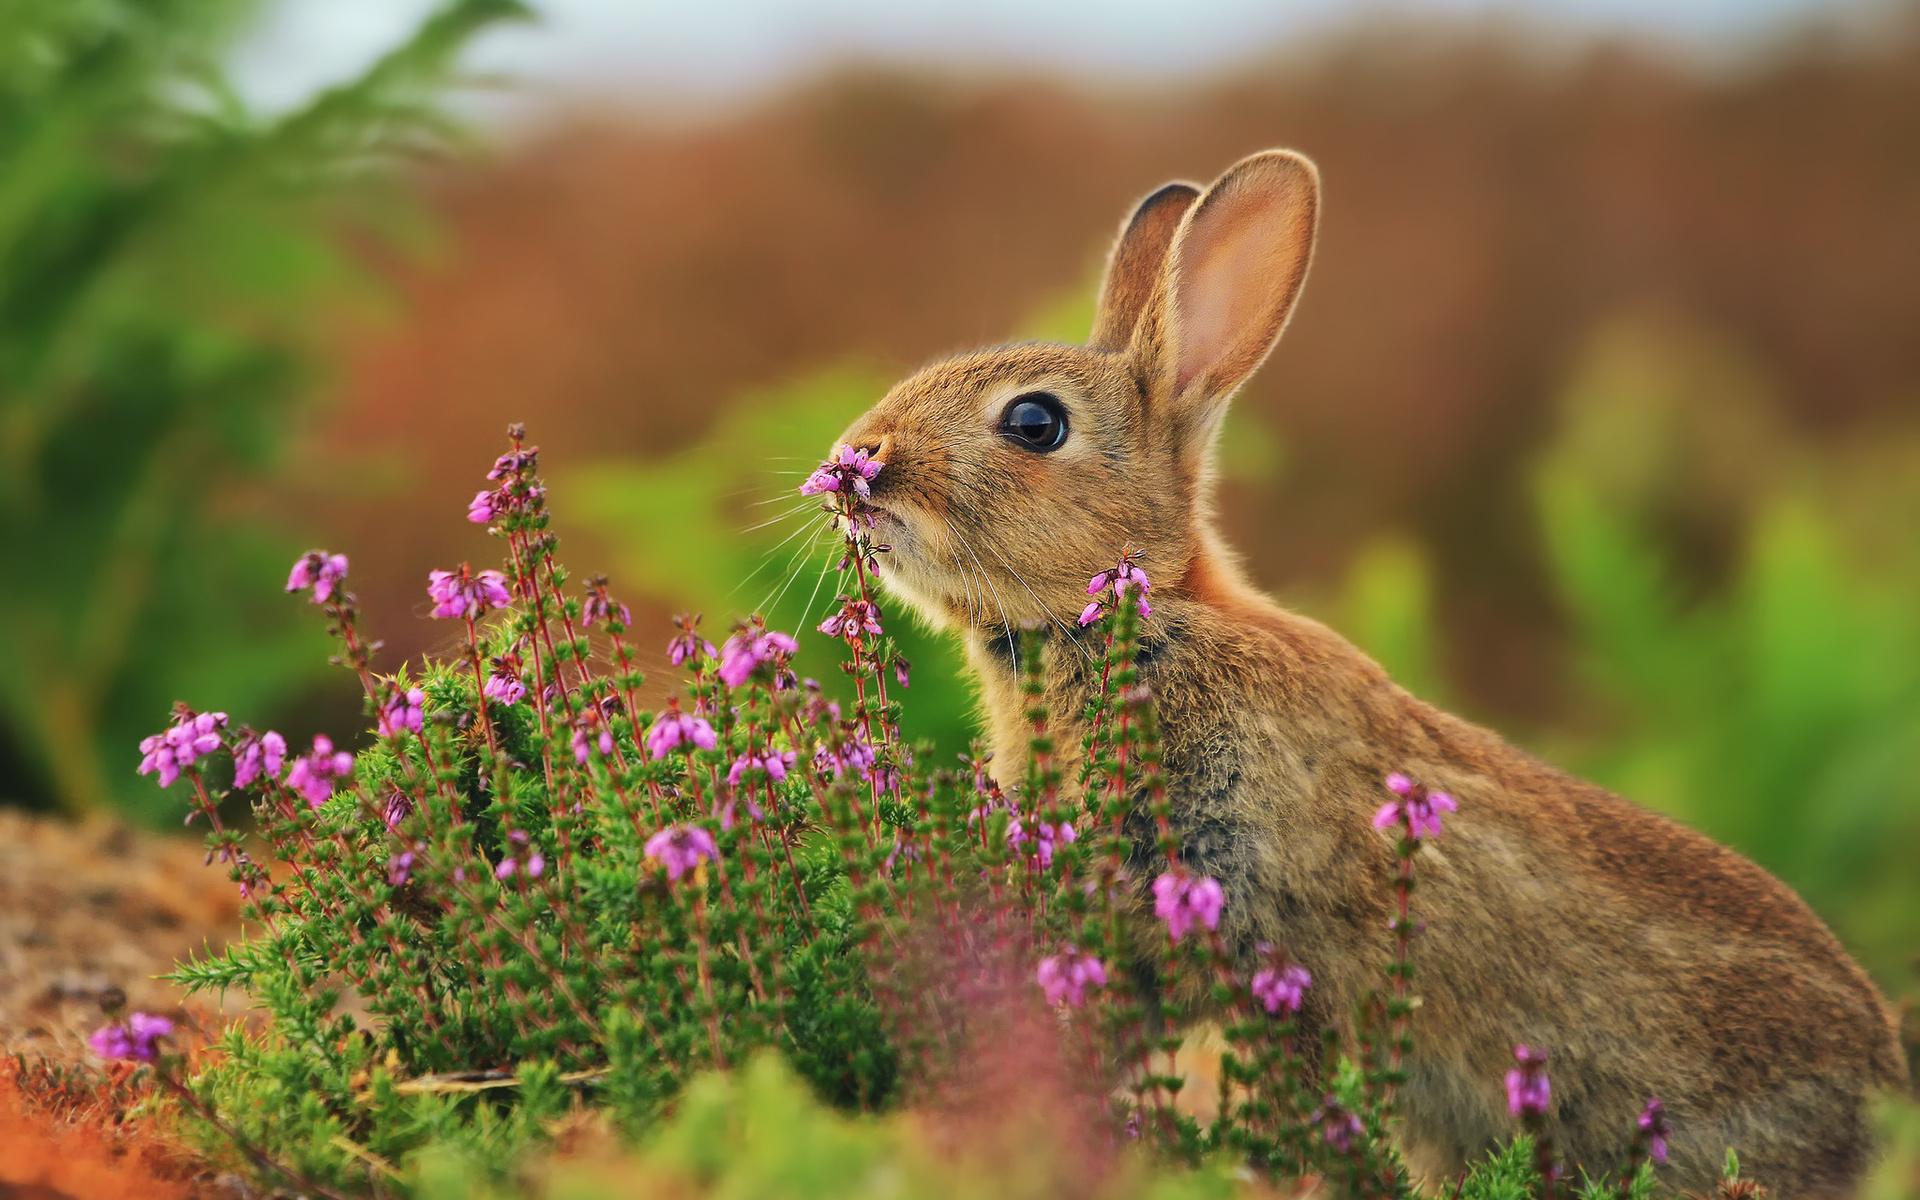 облицовки картинка зайца самая лучшая какой